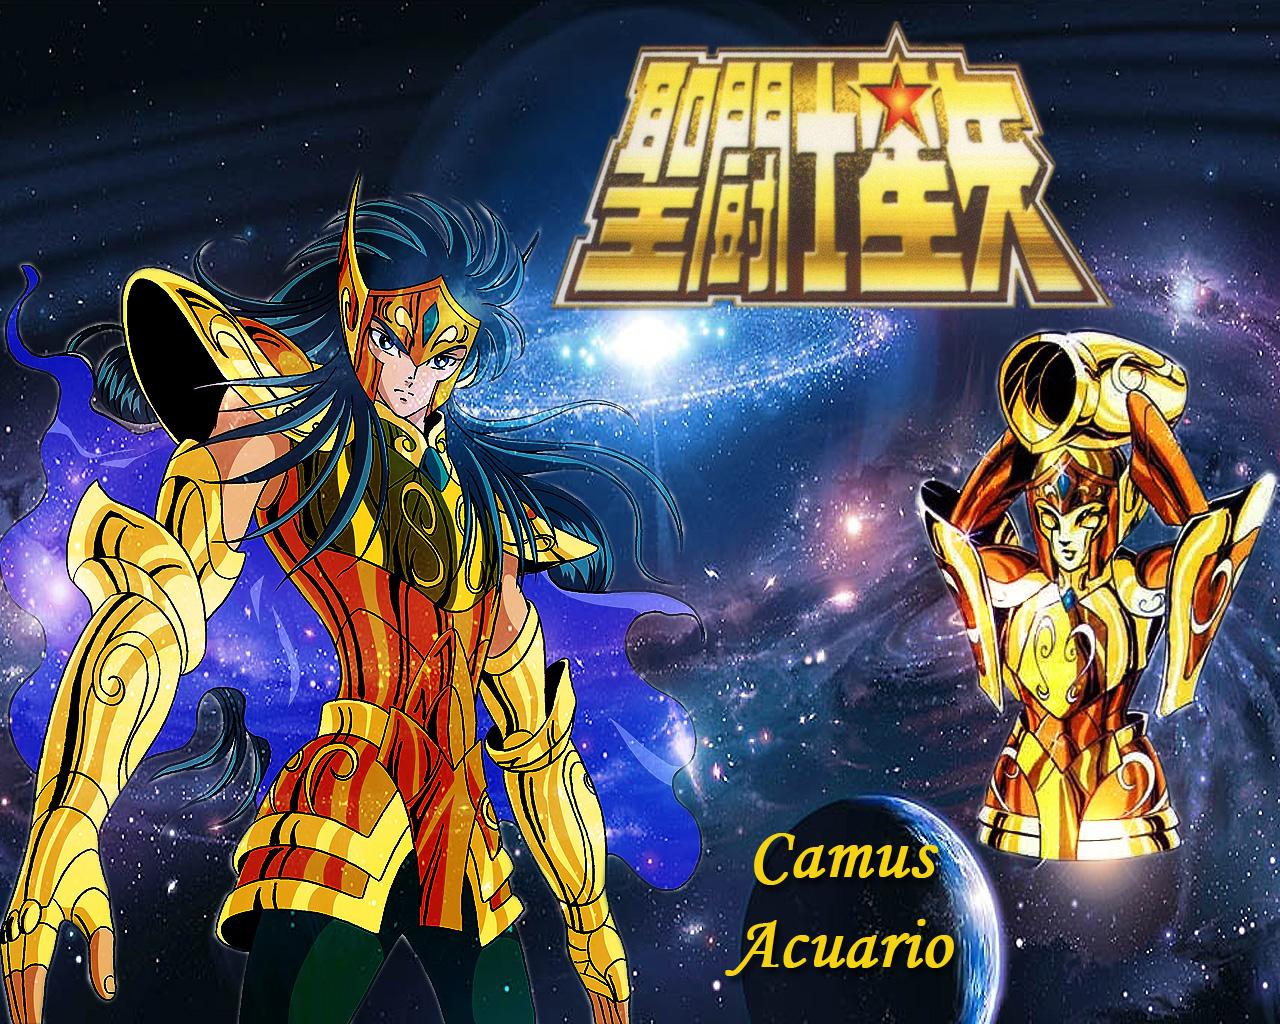 http://3.bp.blogspot.com/_QC1hAwa3K7Y/TRq0s_A9IHI/AAAAAAAAATs/swP4u5XbLy8/s1600/Camus+-+Acuario.jpg